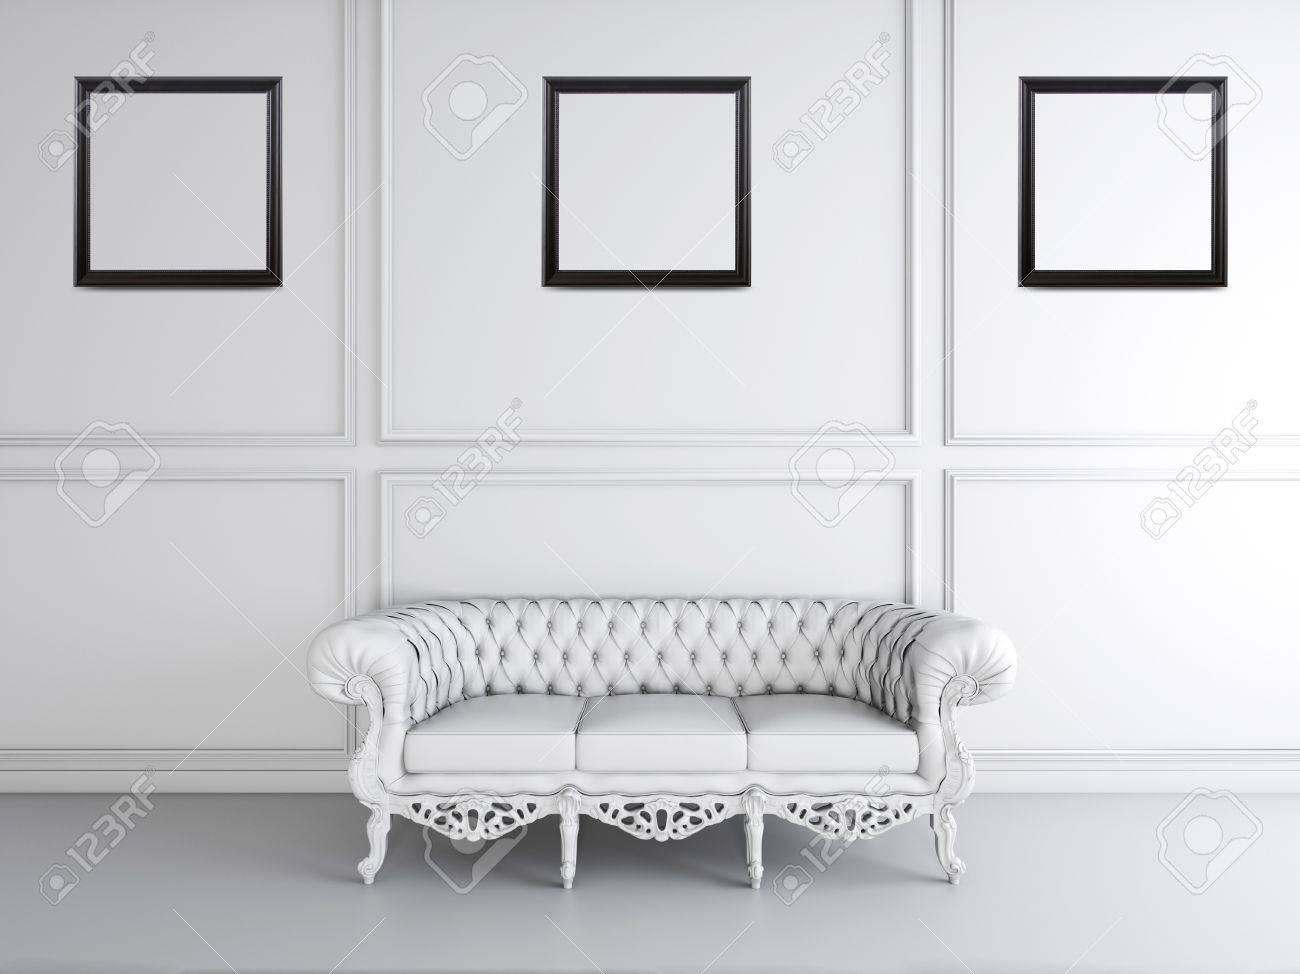 Blanco Diseño Interior De La Sala De Estar Con Sofá Y Marcos De ...